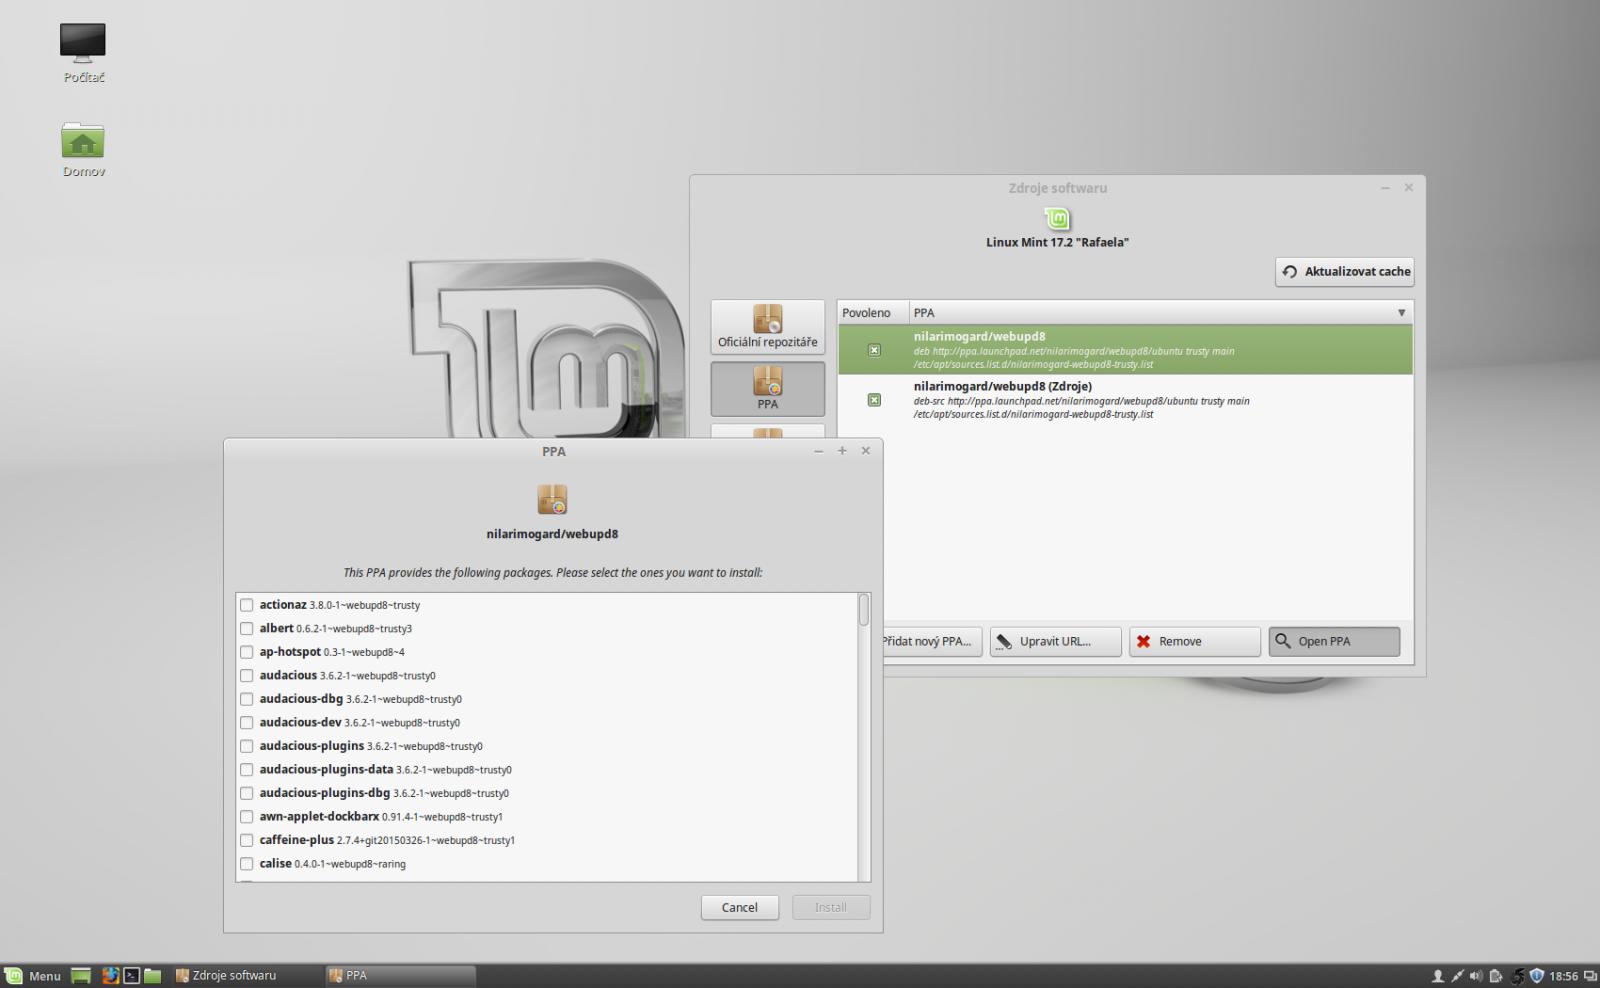 Linux Mint 17.2Rafaela